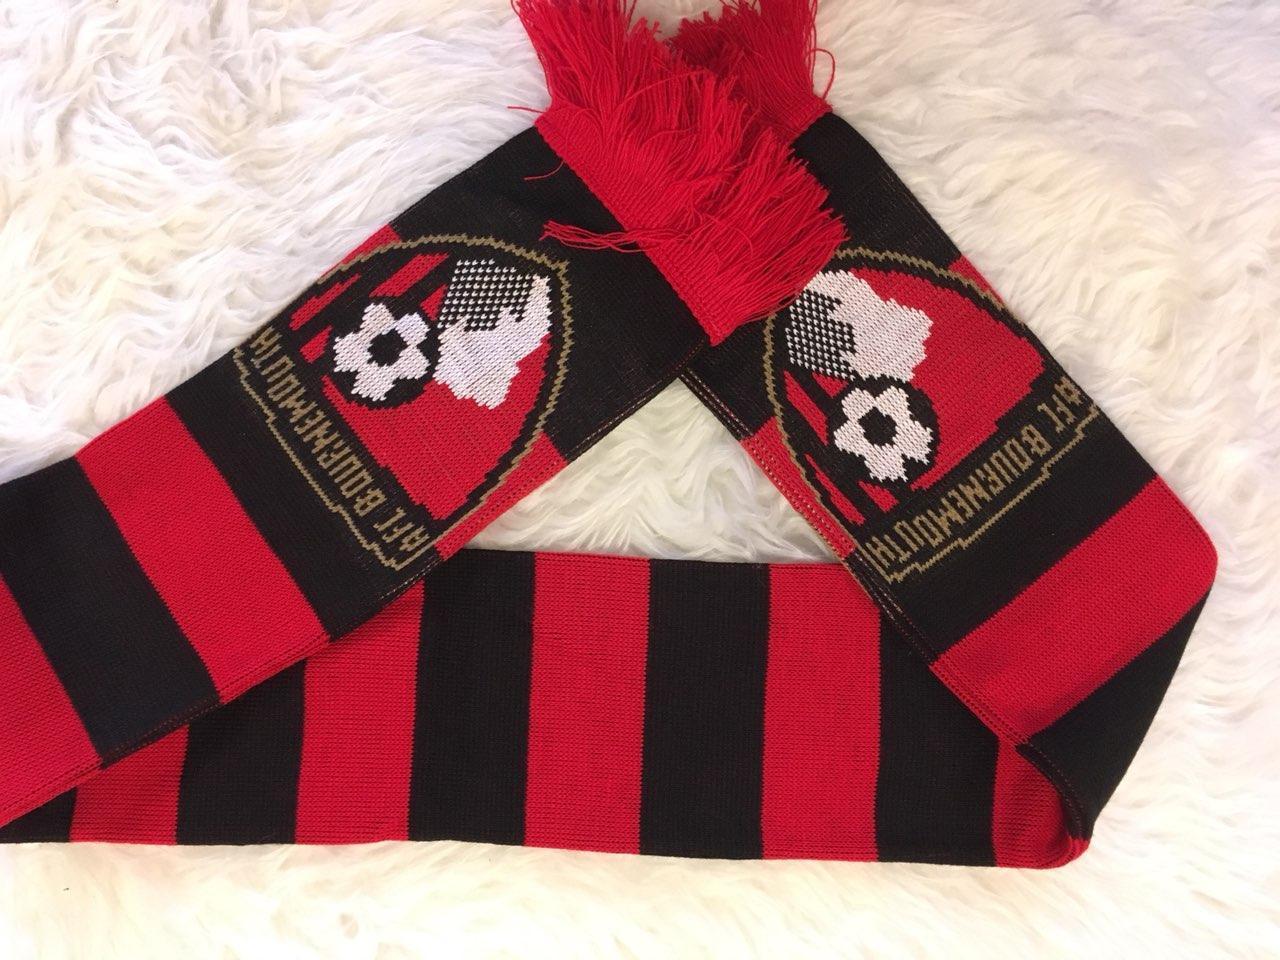 Футбольный шарф Борнмут A.F.C. Bournemouth